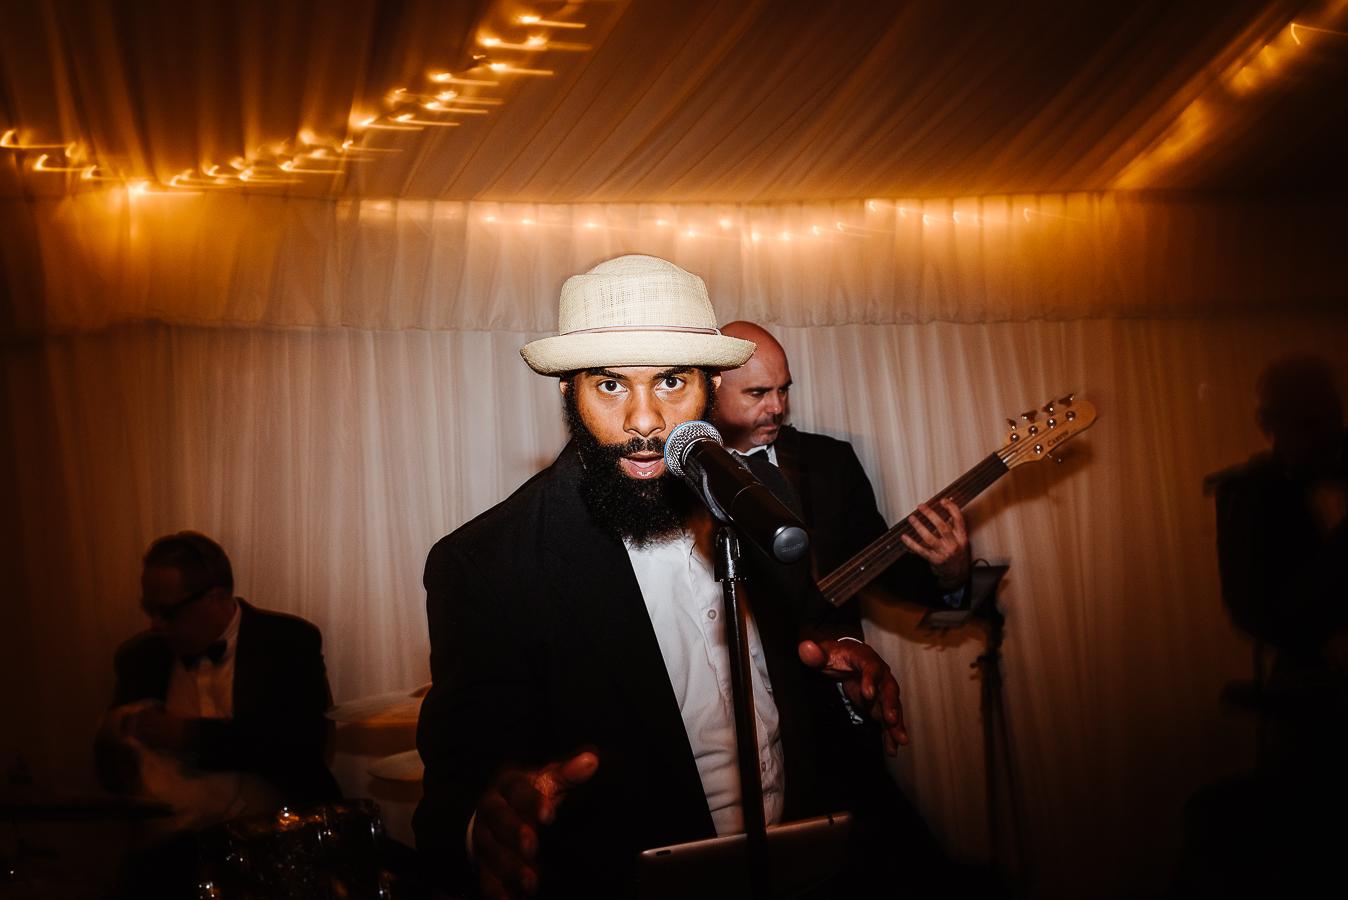 Stylish Crossed Keys Inn Wedding Crossed Keys Wedding Crossed Keys Inn Andover NJ Longbrook Photography-79.jpg